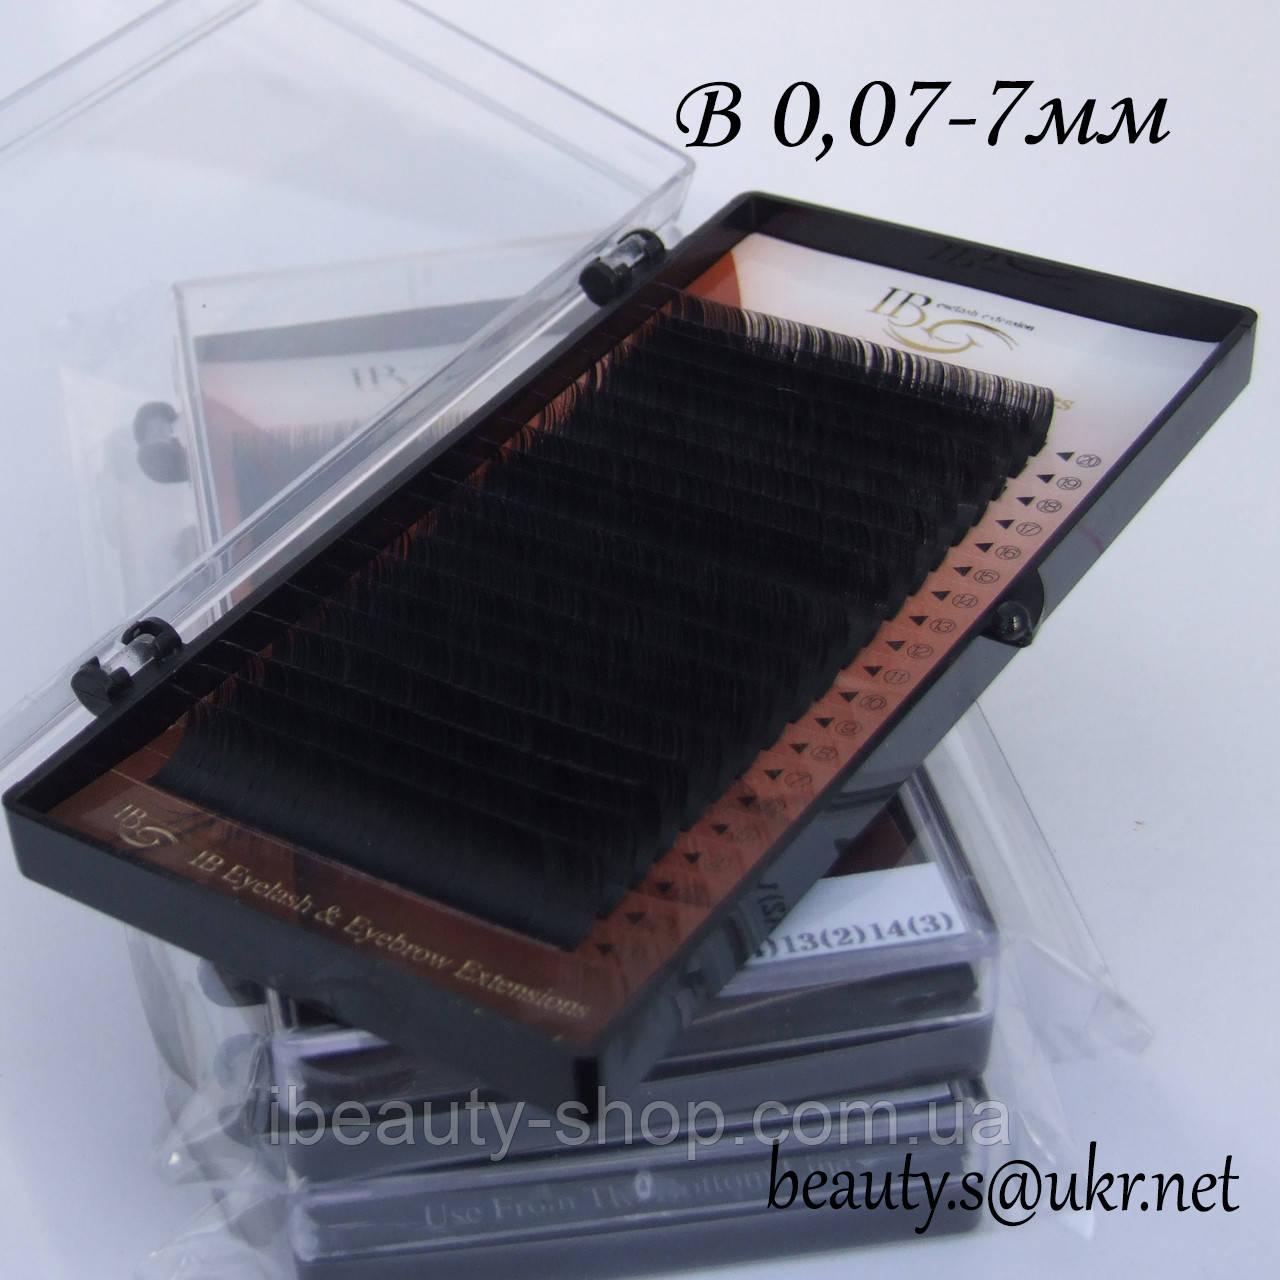 Ресницы  I-Beauty на ленте B-0,07 7мм